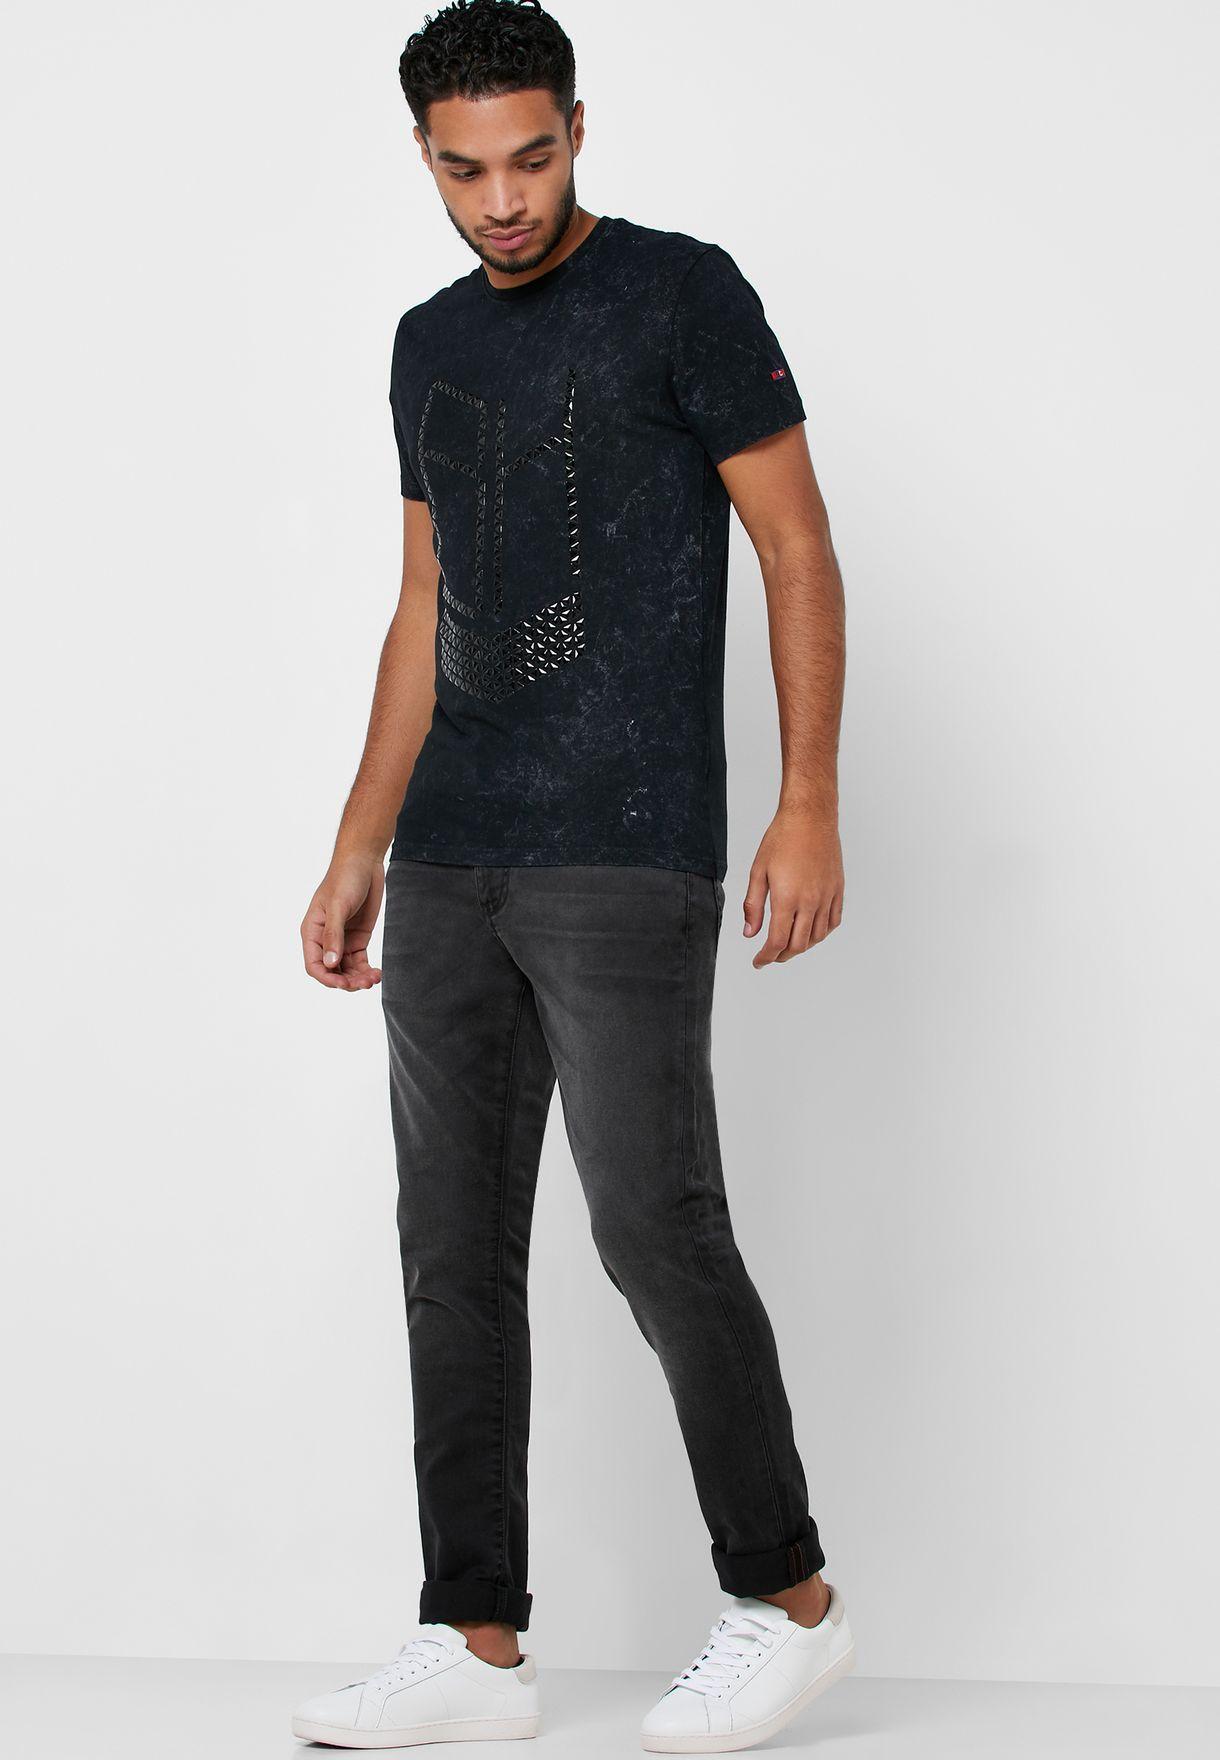 جينز من مجموعة سلمان خام